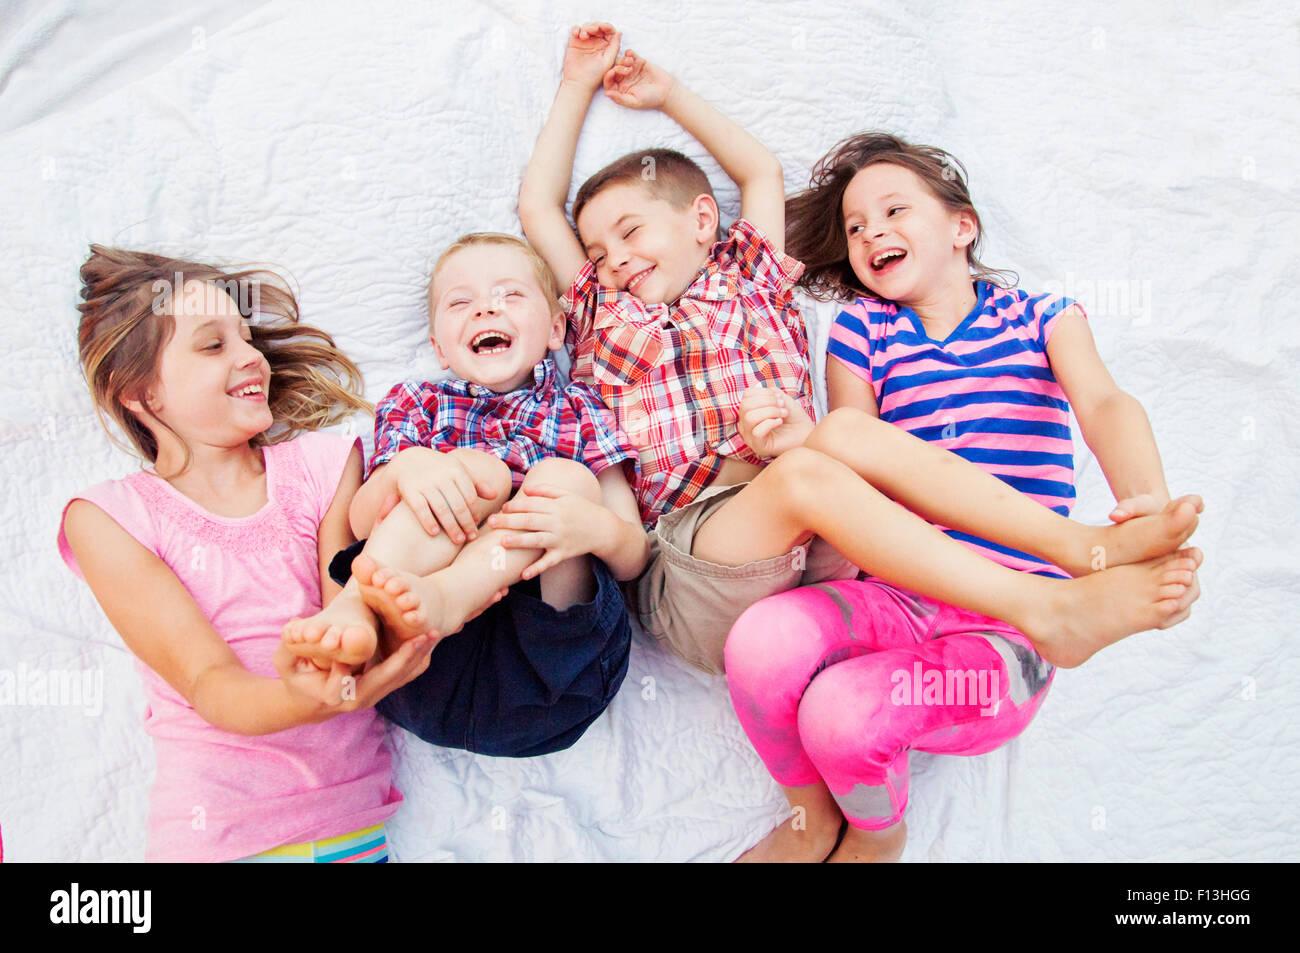 Due sorelle tickle due fratelli piedi Immagini Stock